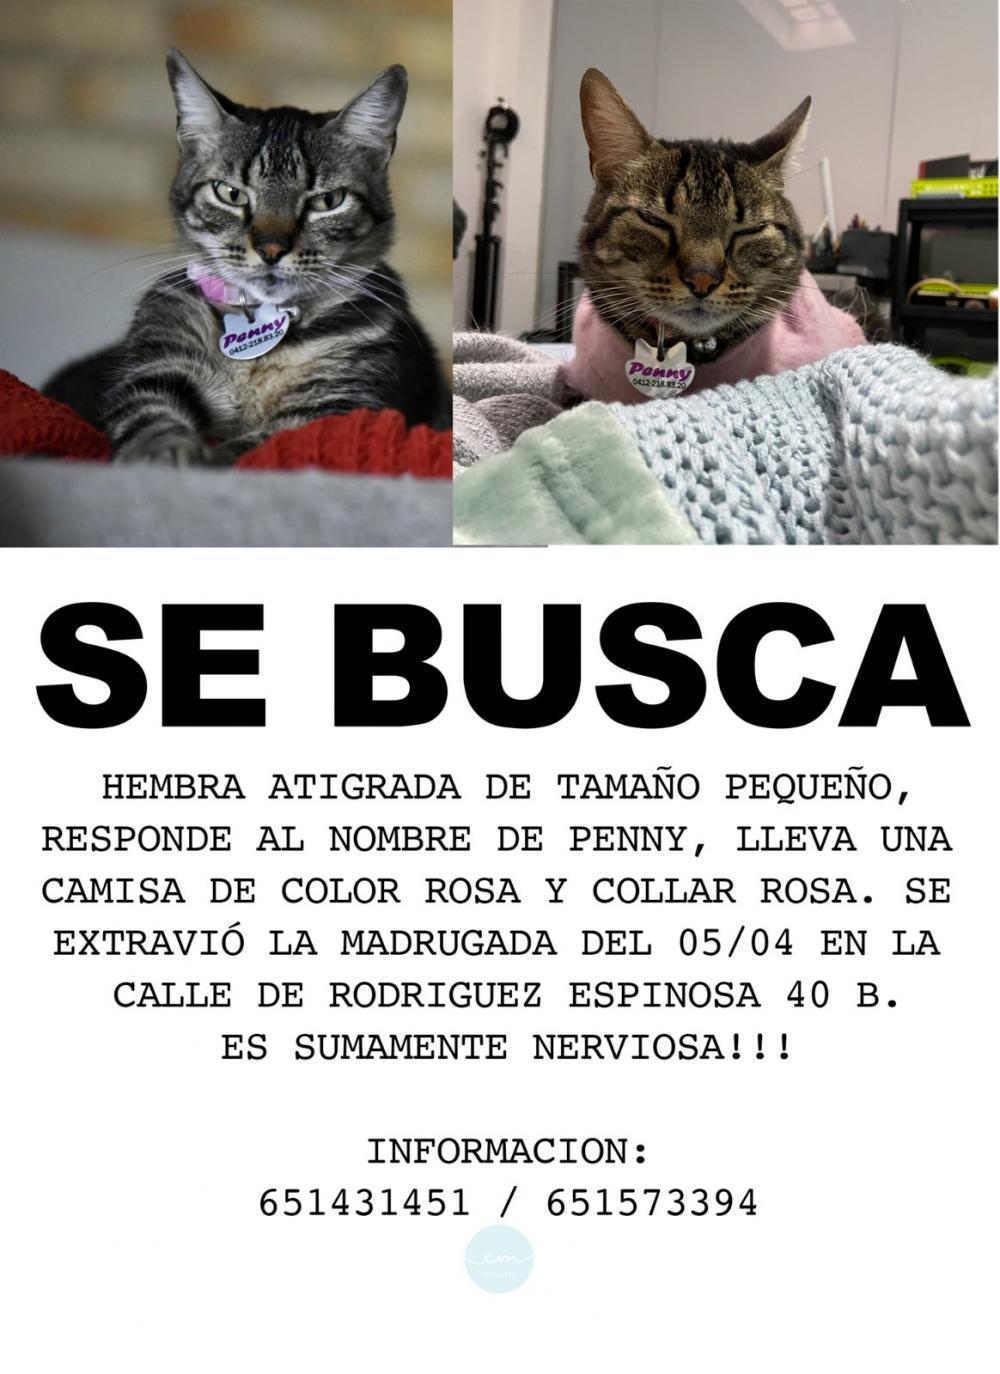 Perro perdido MESTIZO - DESCONOZCO LA RAZA en Vallecas (Madrid)